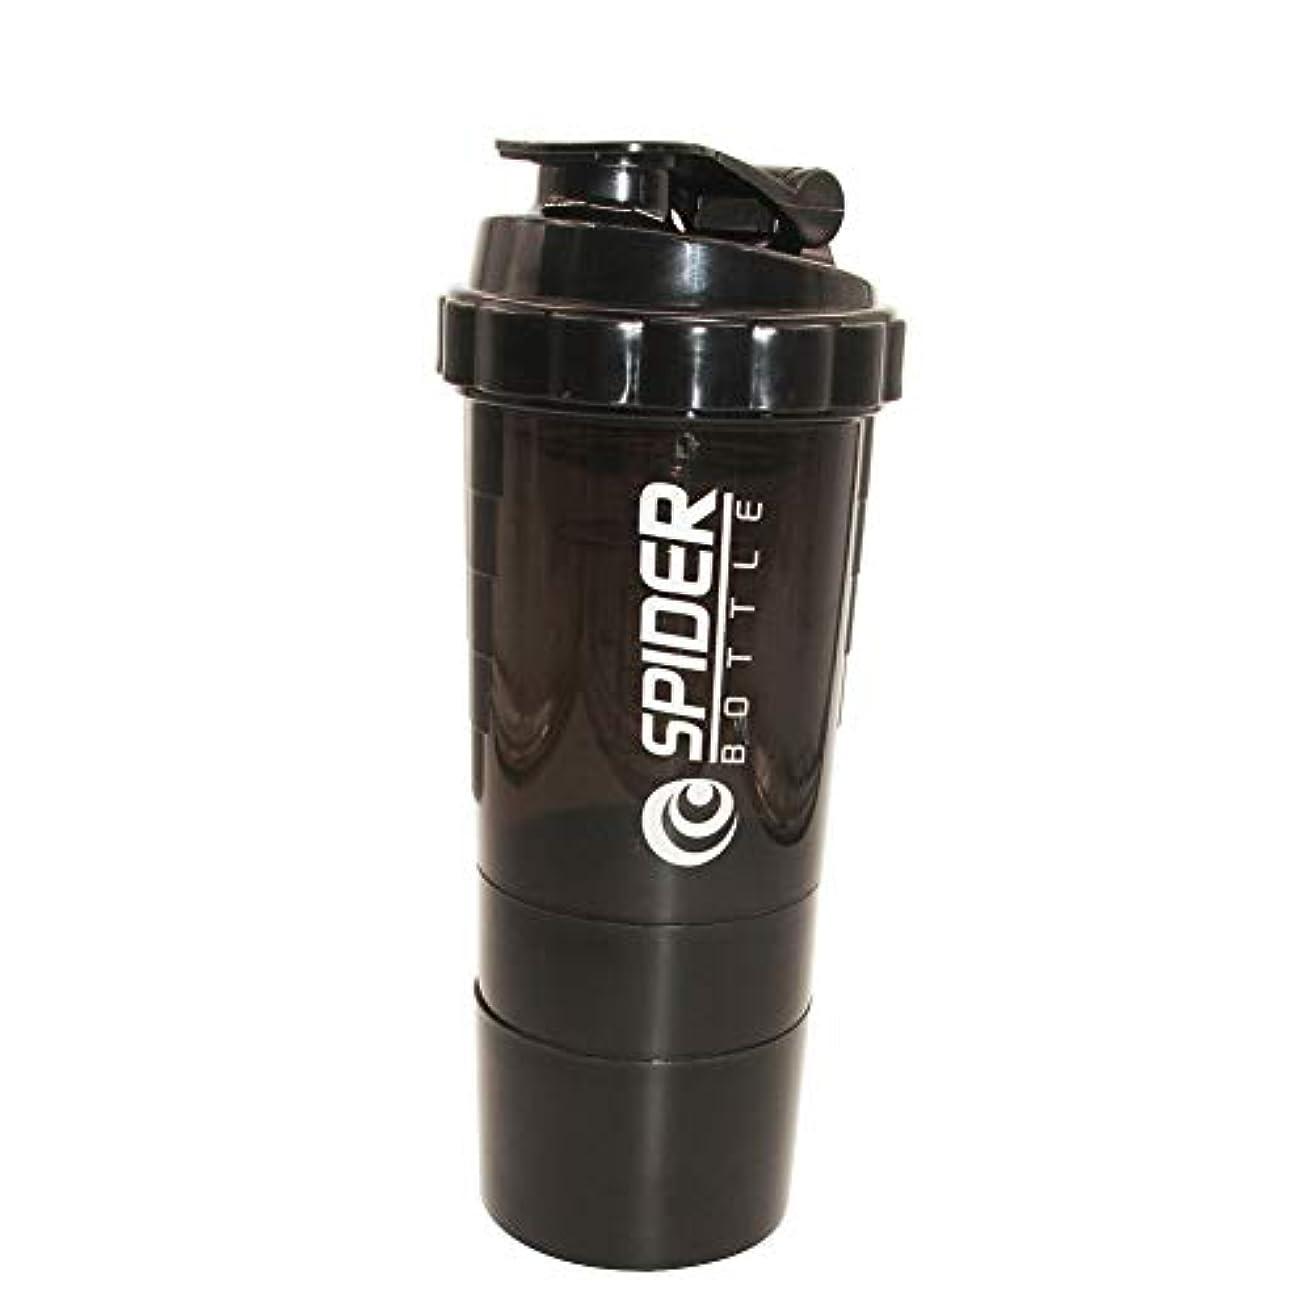 気候の山楽な現実プロテインシェイカー プラスチックボトル シェーカーボトル フィットネス用 プラスチック 目盛り ジム スポーツ 600ml 3層プロテインボックス 大容量 (Black)